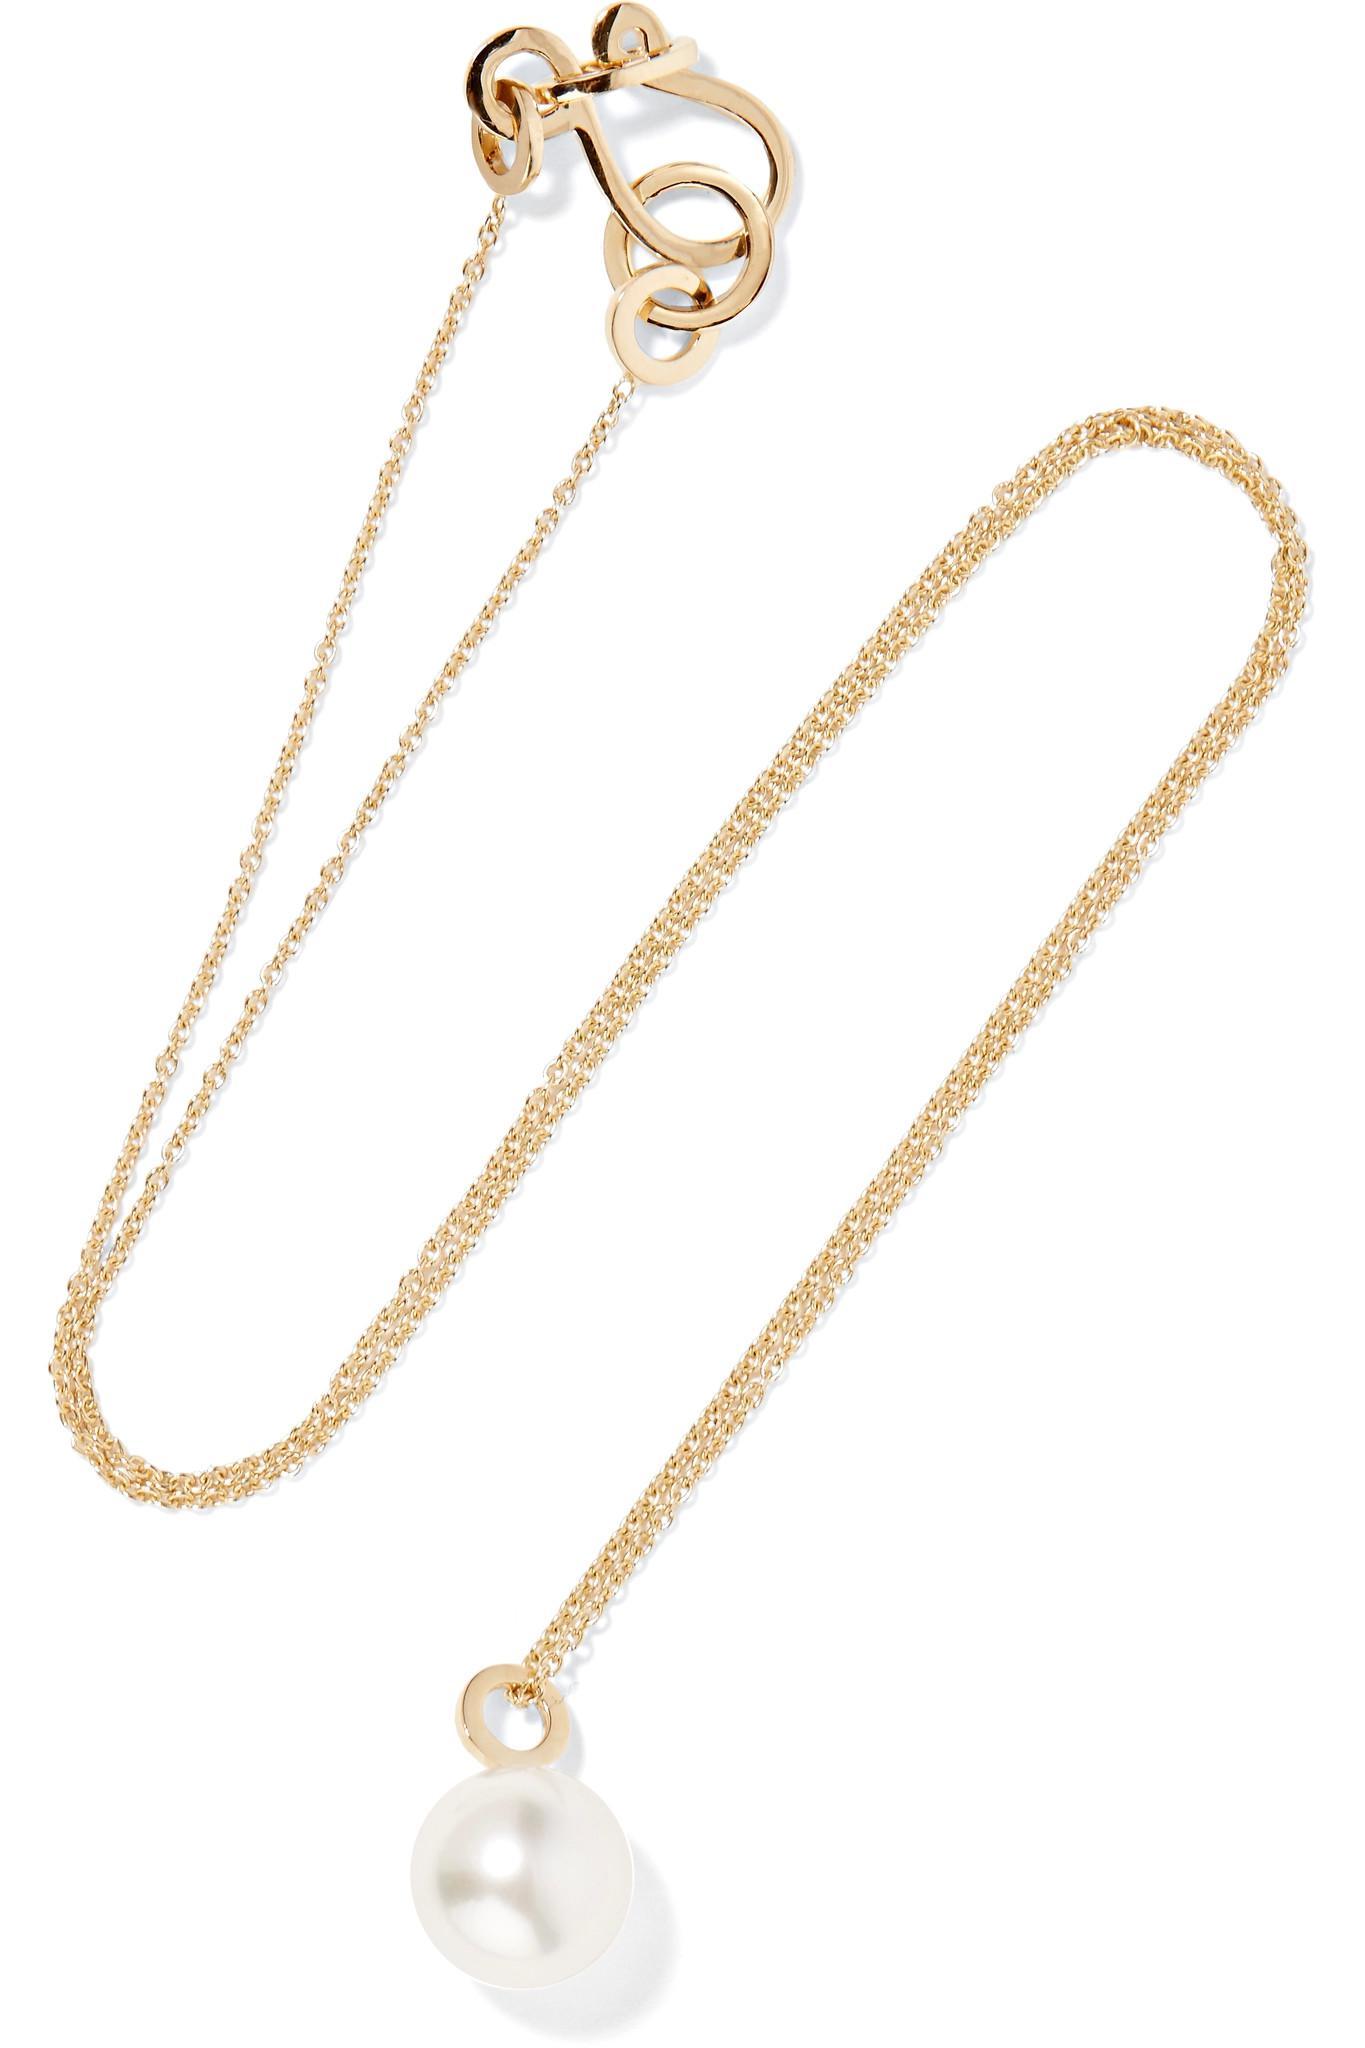 Grace Lee Designs Petite Lace Iv 14-karat Gold Necklace DxSF5yY